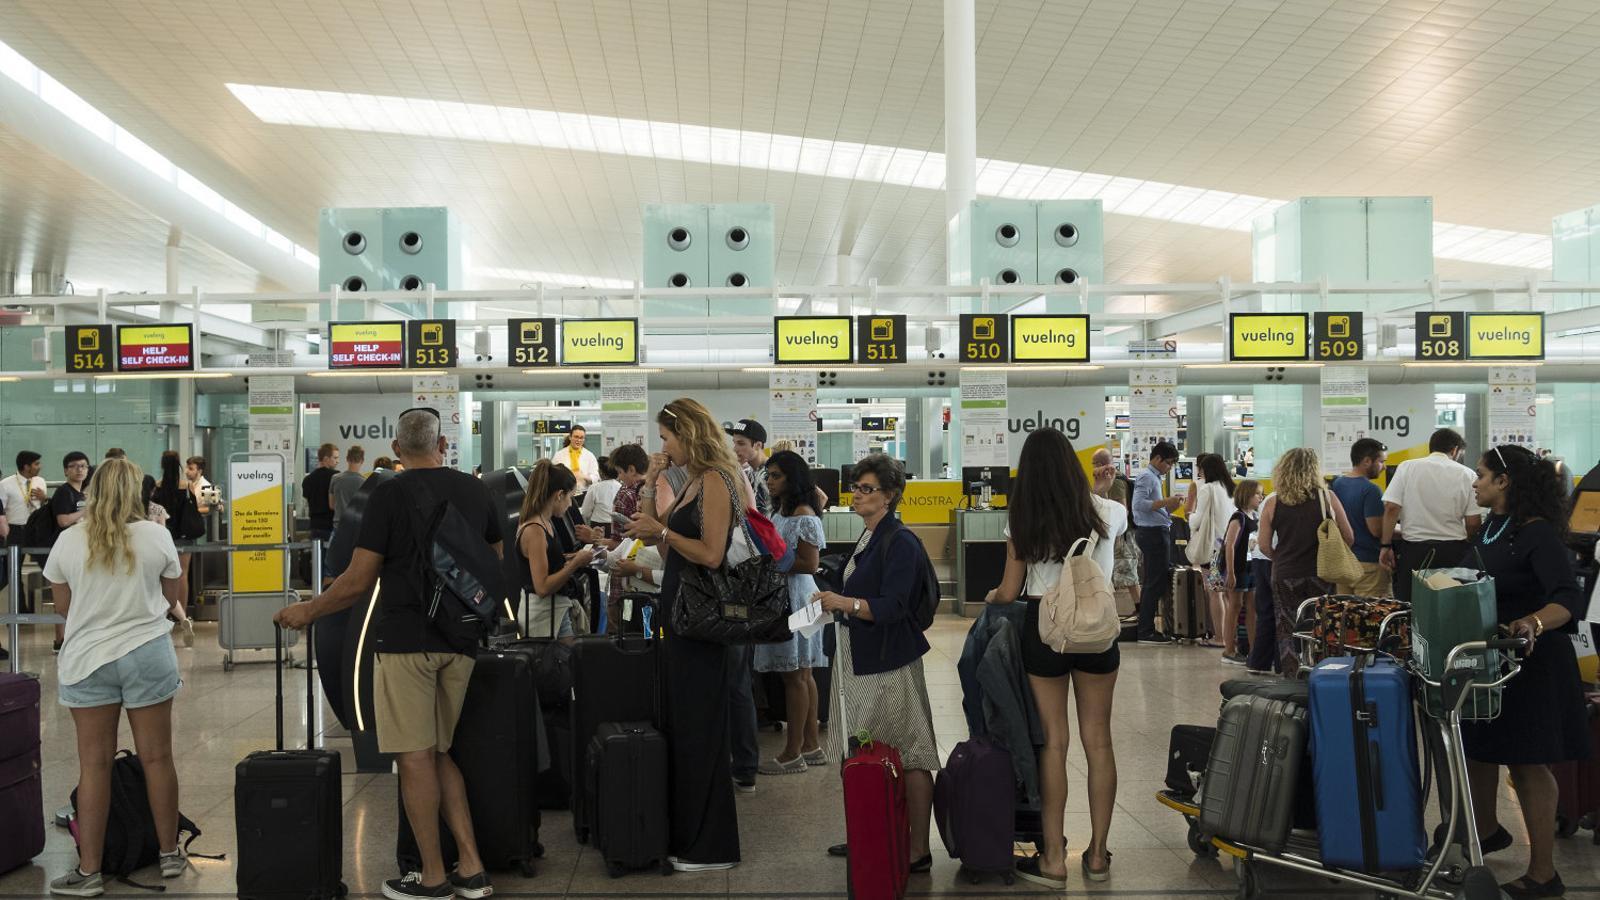 Cues als mostradors de Vueling ahir a l'aeroport del Prat.